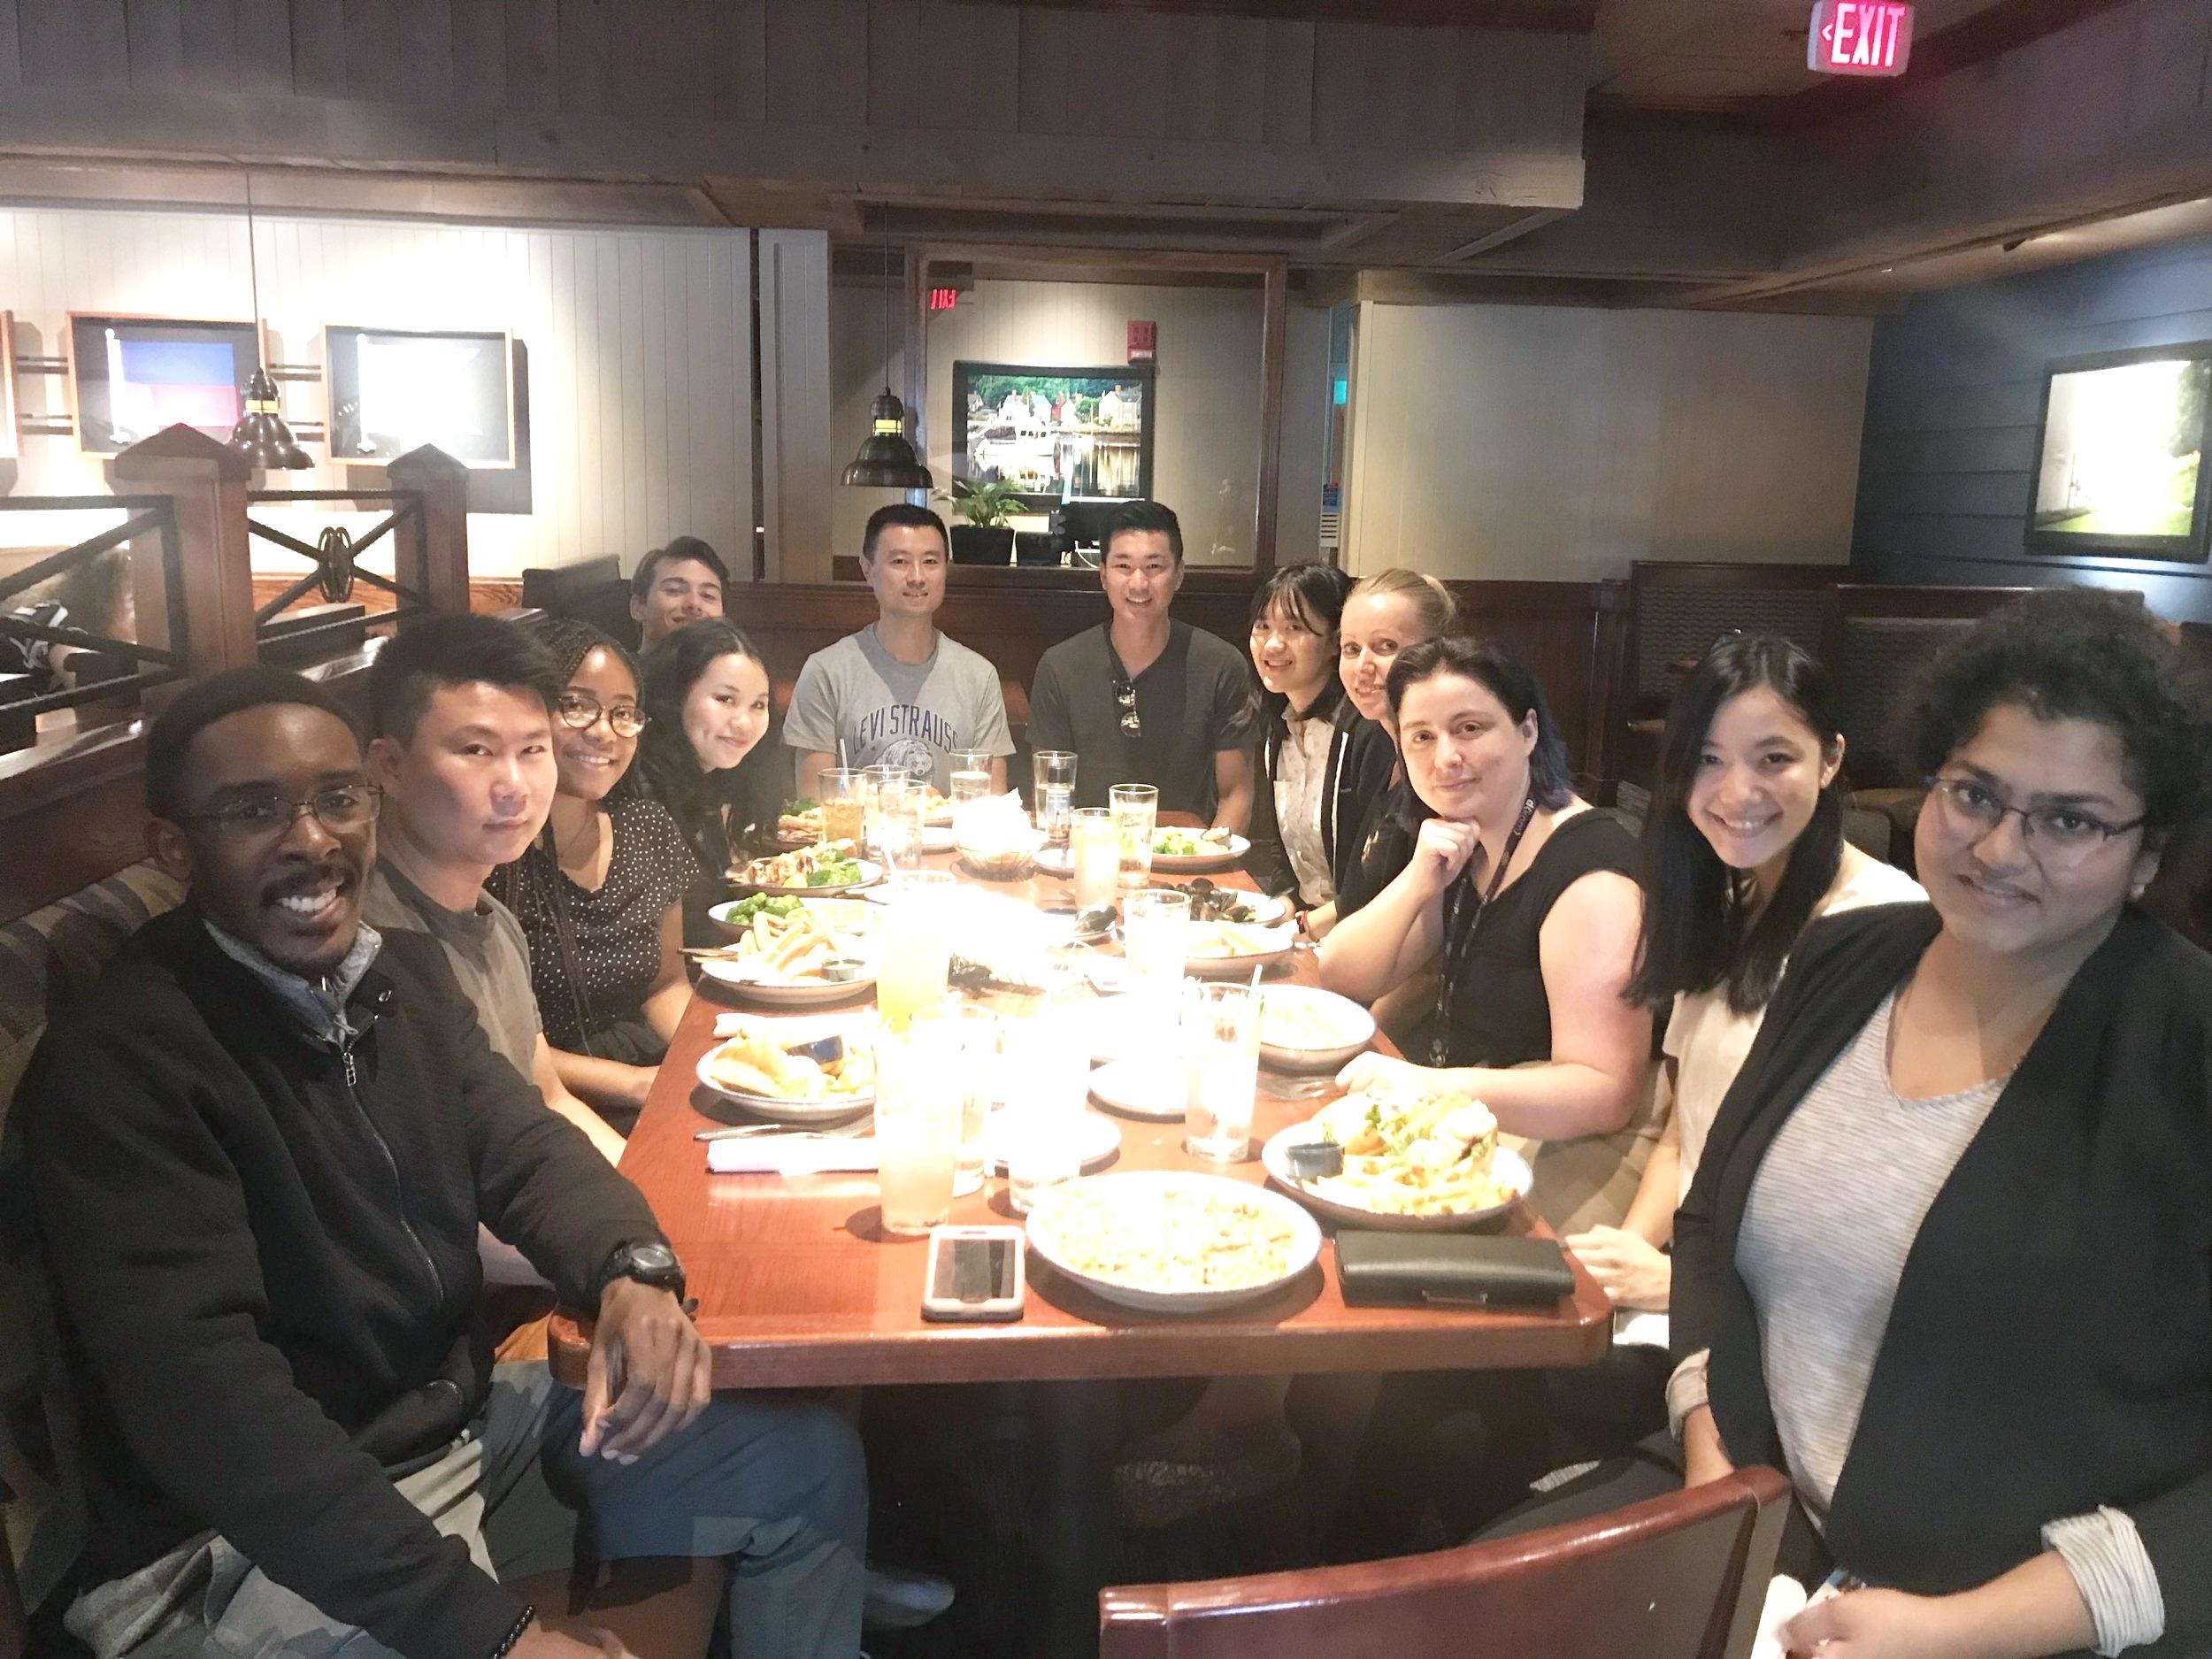 UX Design Team At Red Lobster